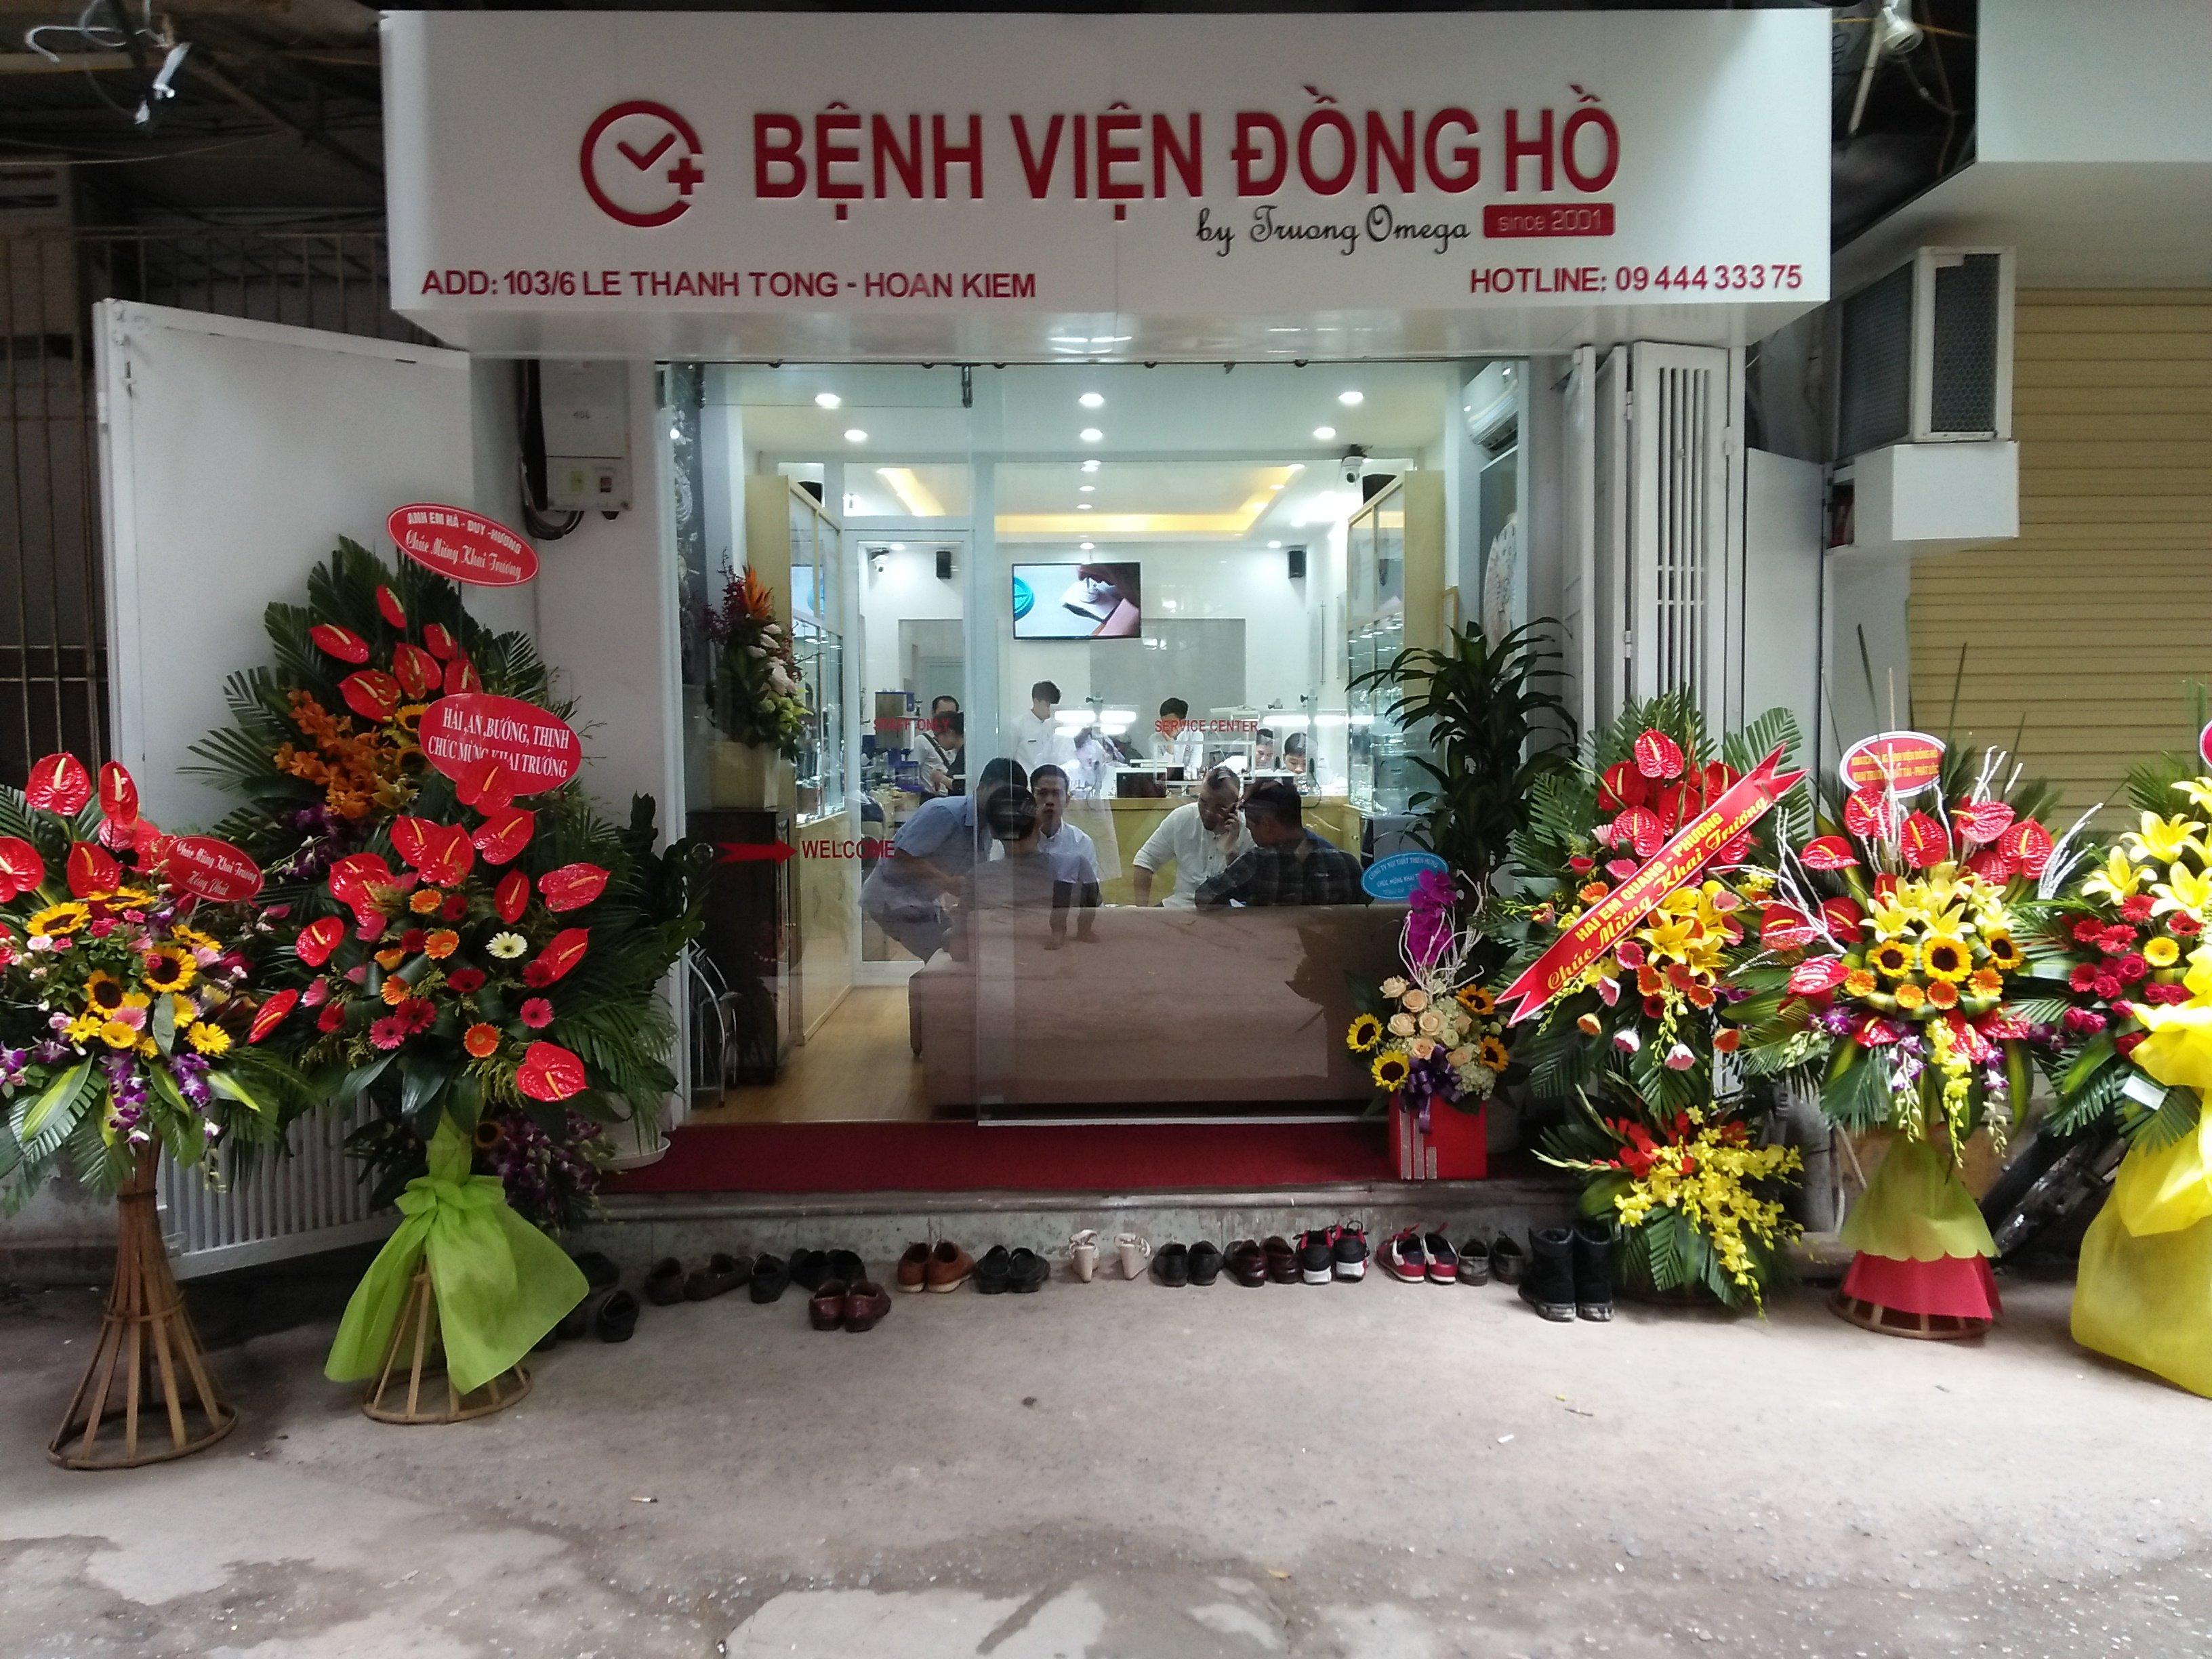 khai truong benh vien dong ho 103 6 le thanh tong - Phòng kỹ thuật Bệnh Viện Đồng Hồ